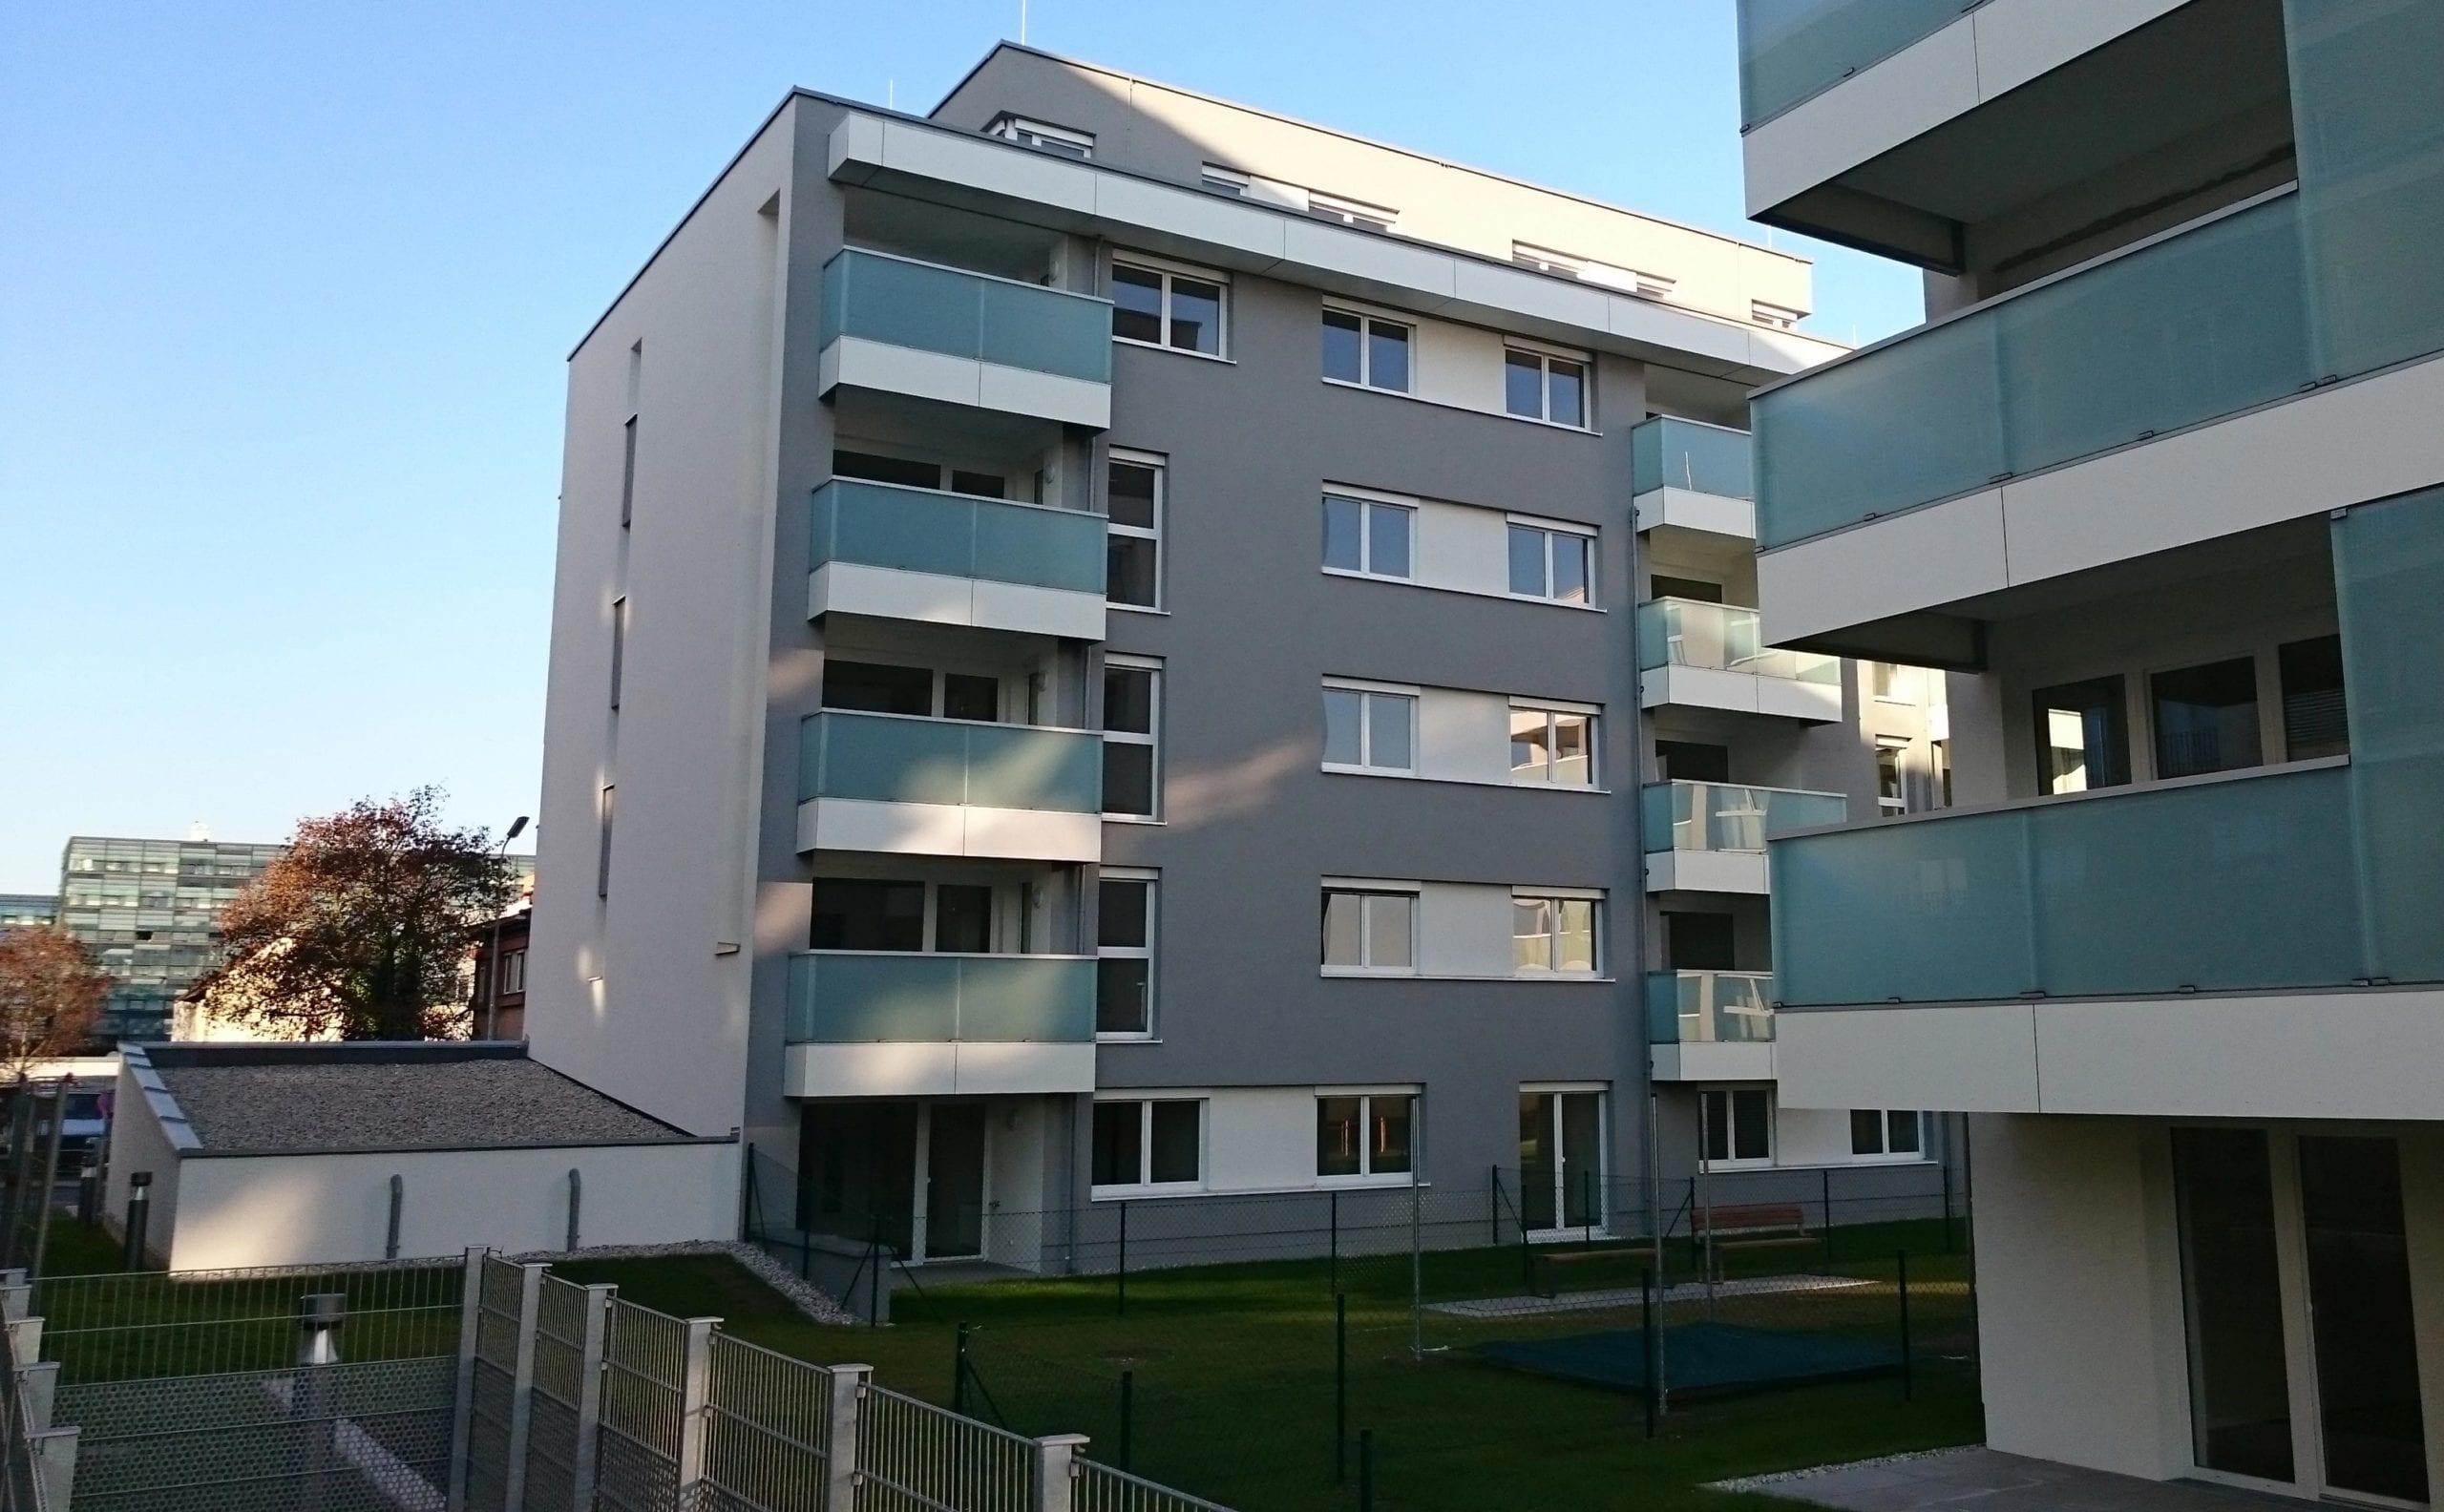 Rosenbauerstraße 6, 6a, 8, 8a